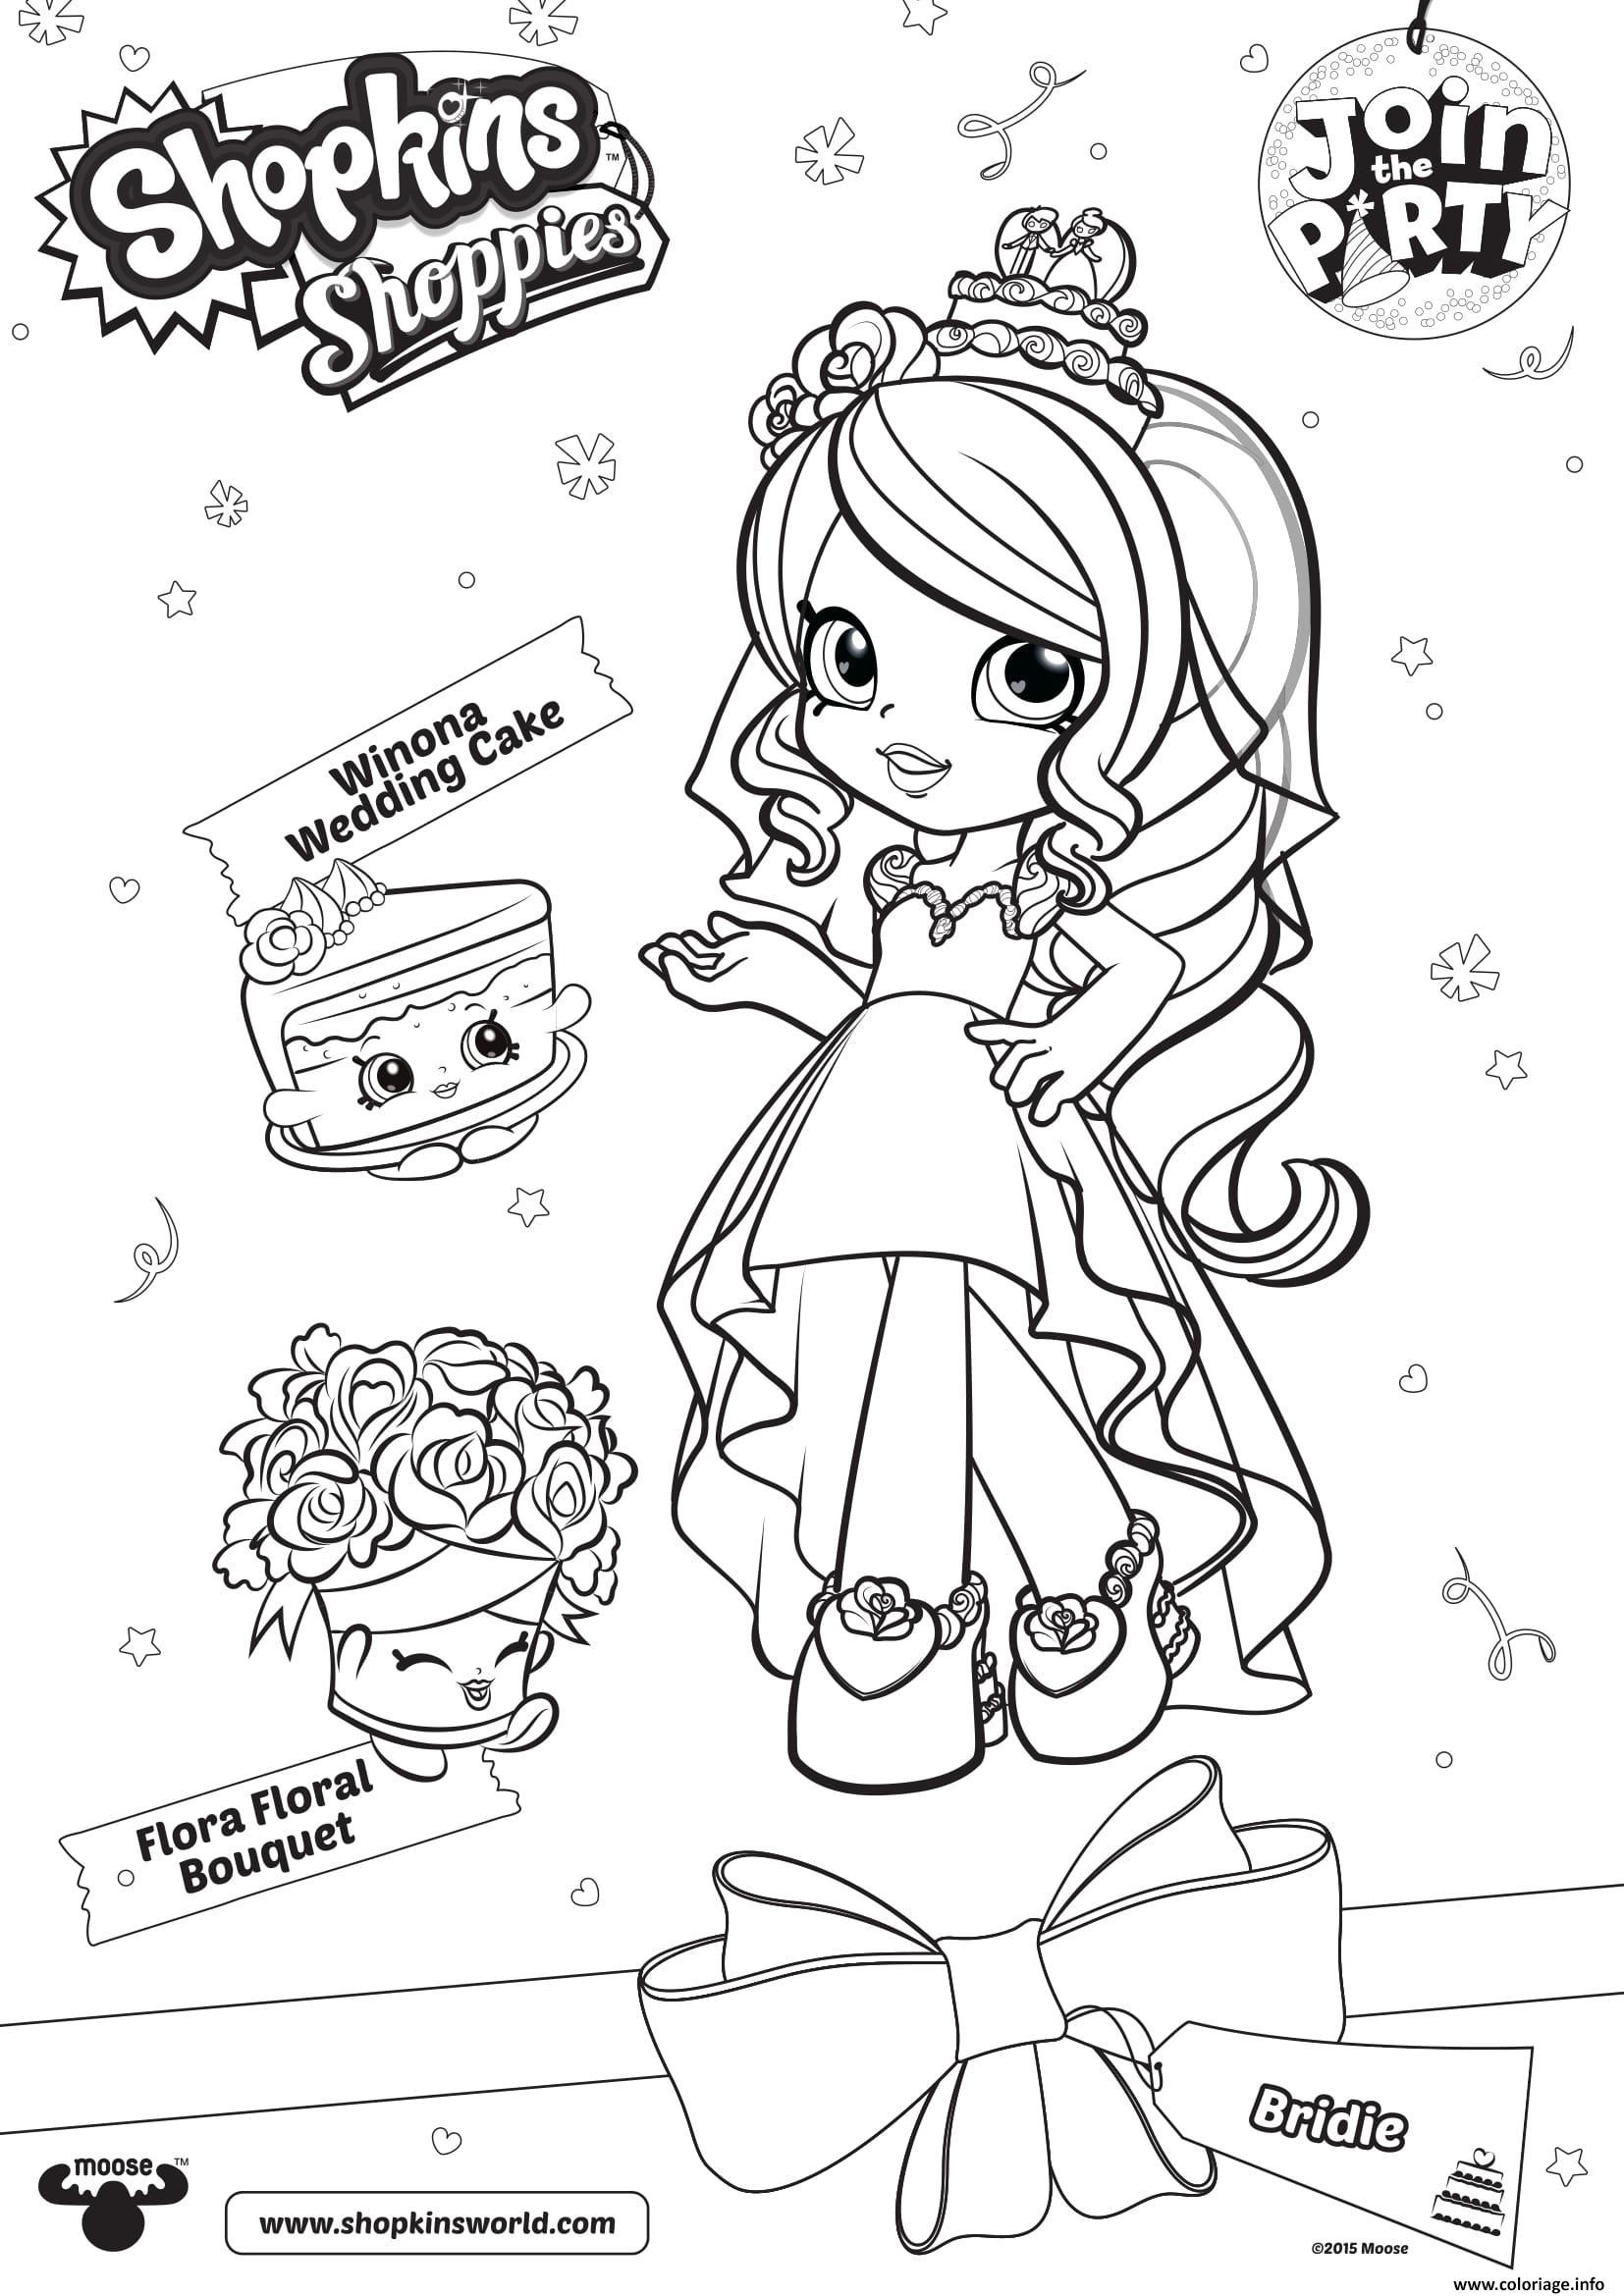 Dessin shopkins shoppies join the party Winona Wedding Cake Flora Floral Bouquet Coloriage Gratuit à Imprimer